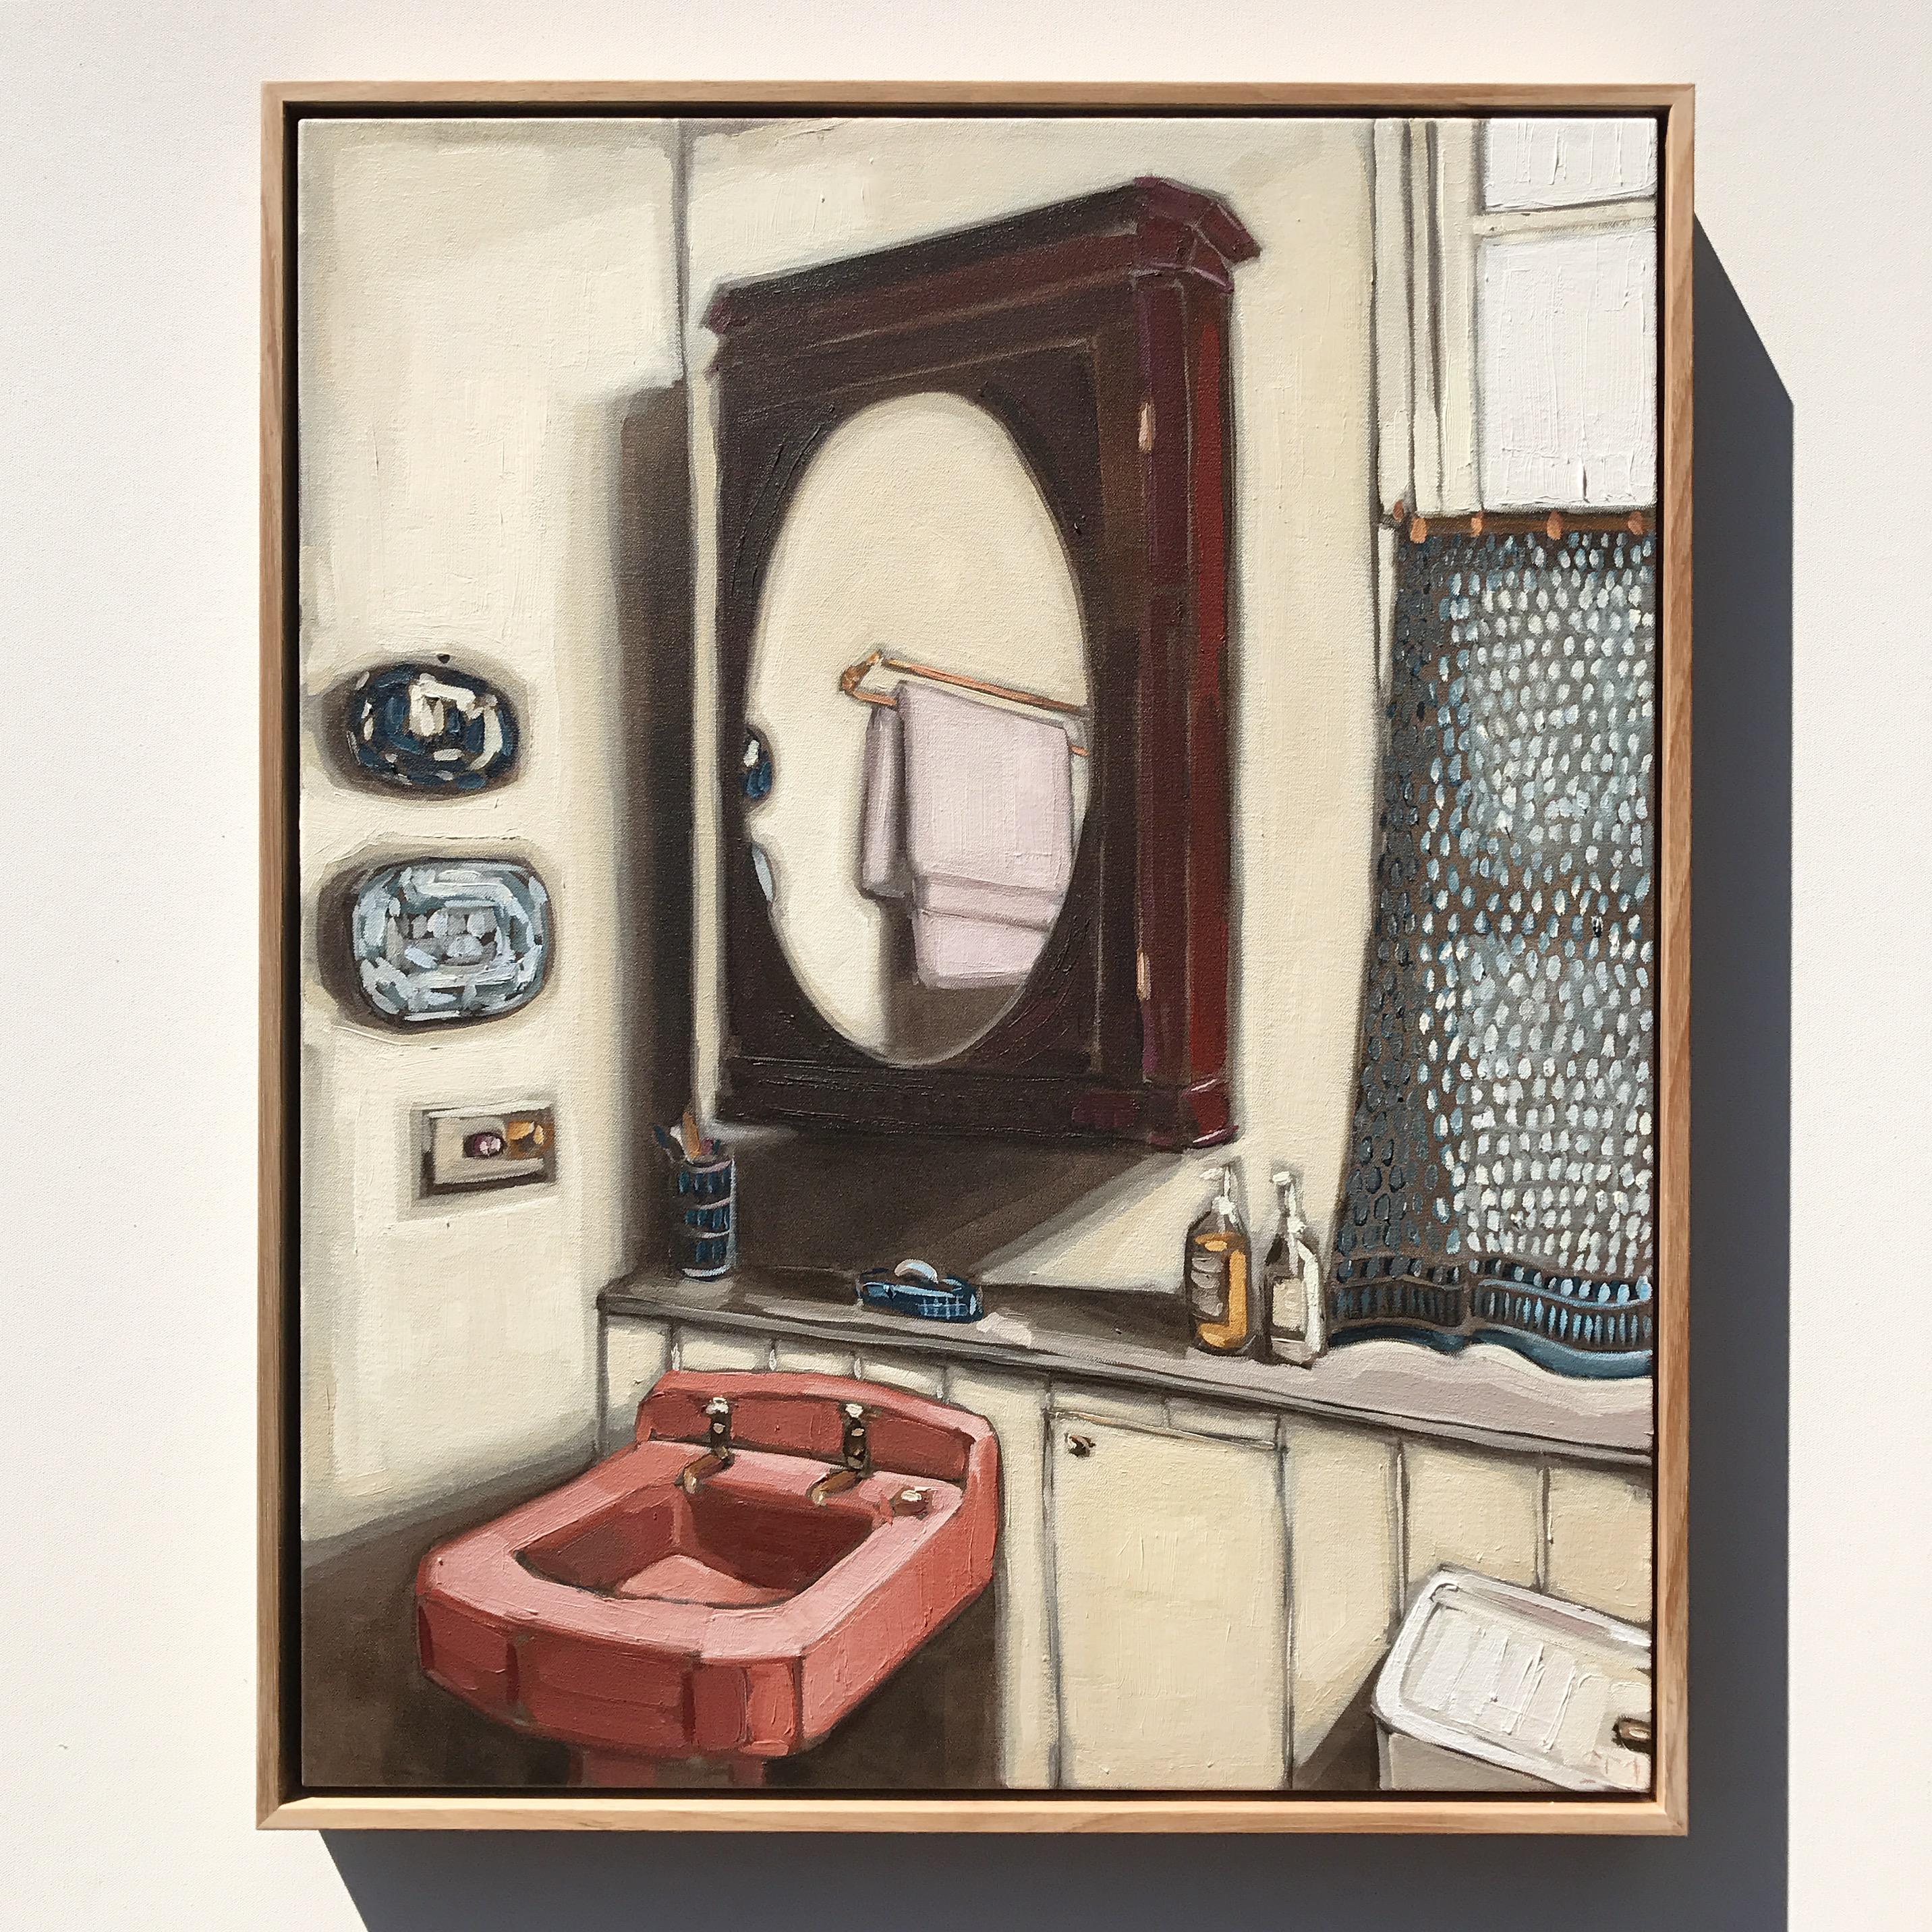 'Bathroom, Anna Spiro' 71x58cm $1,795